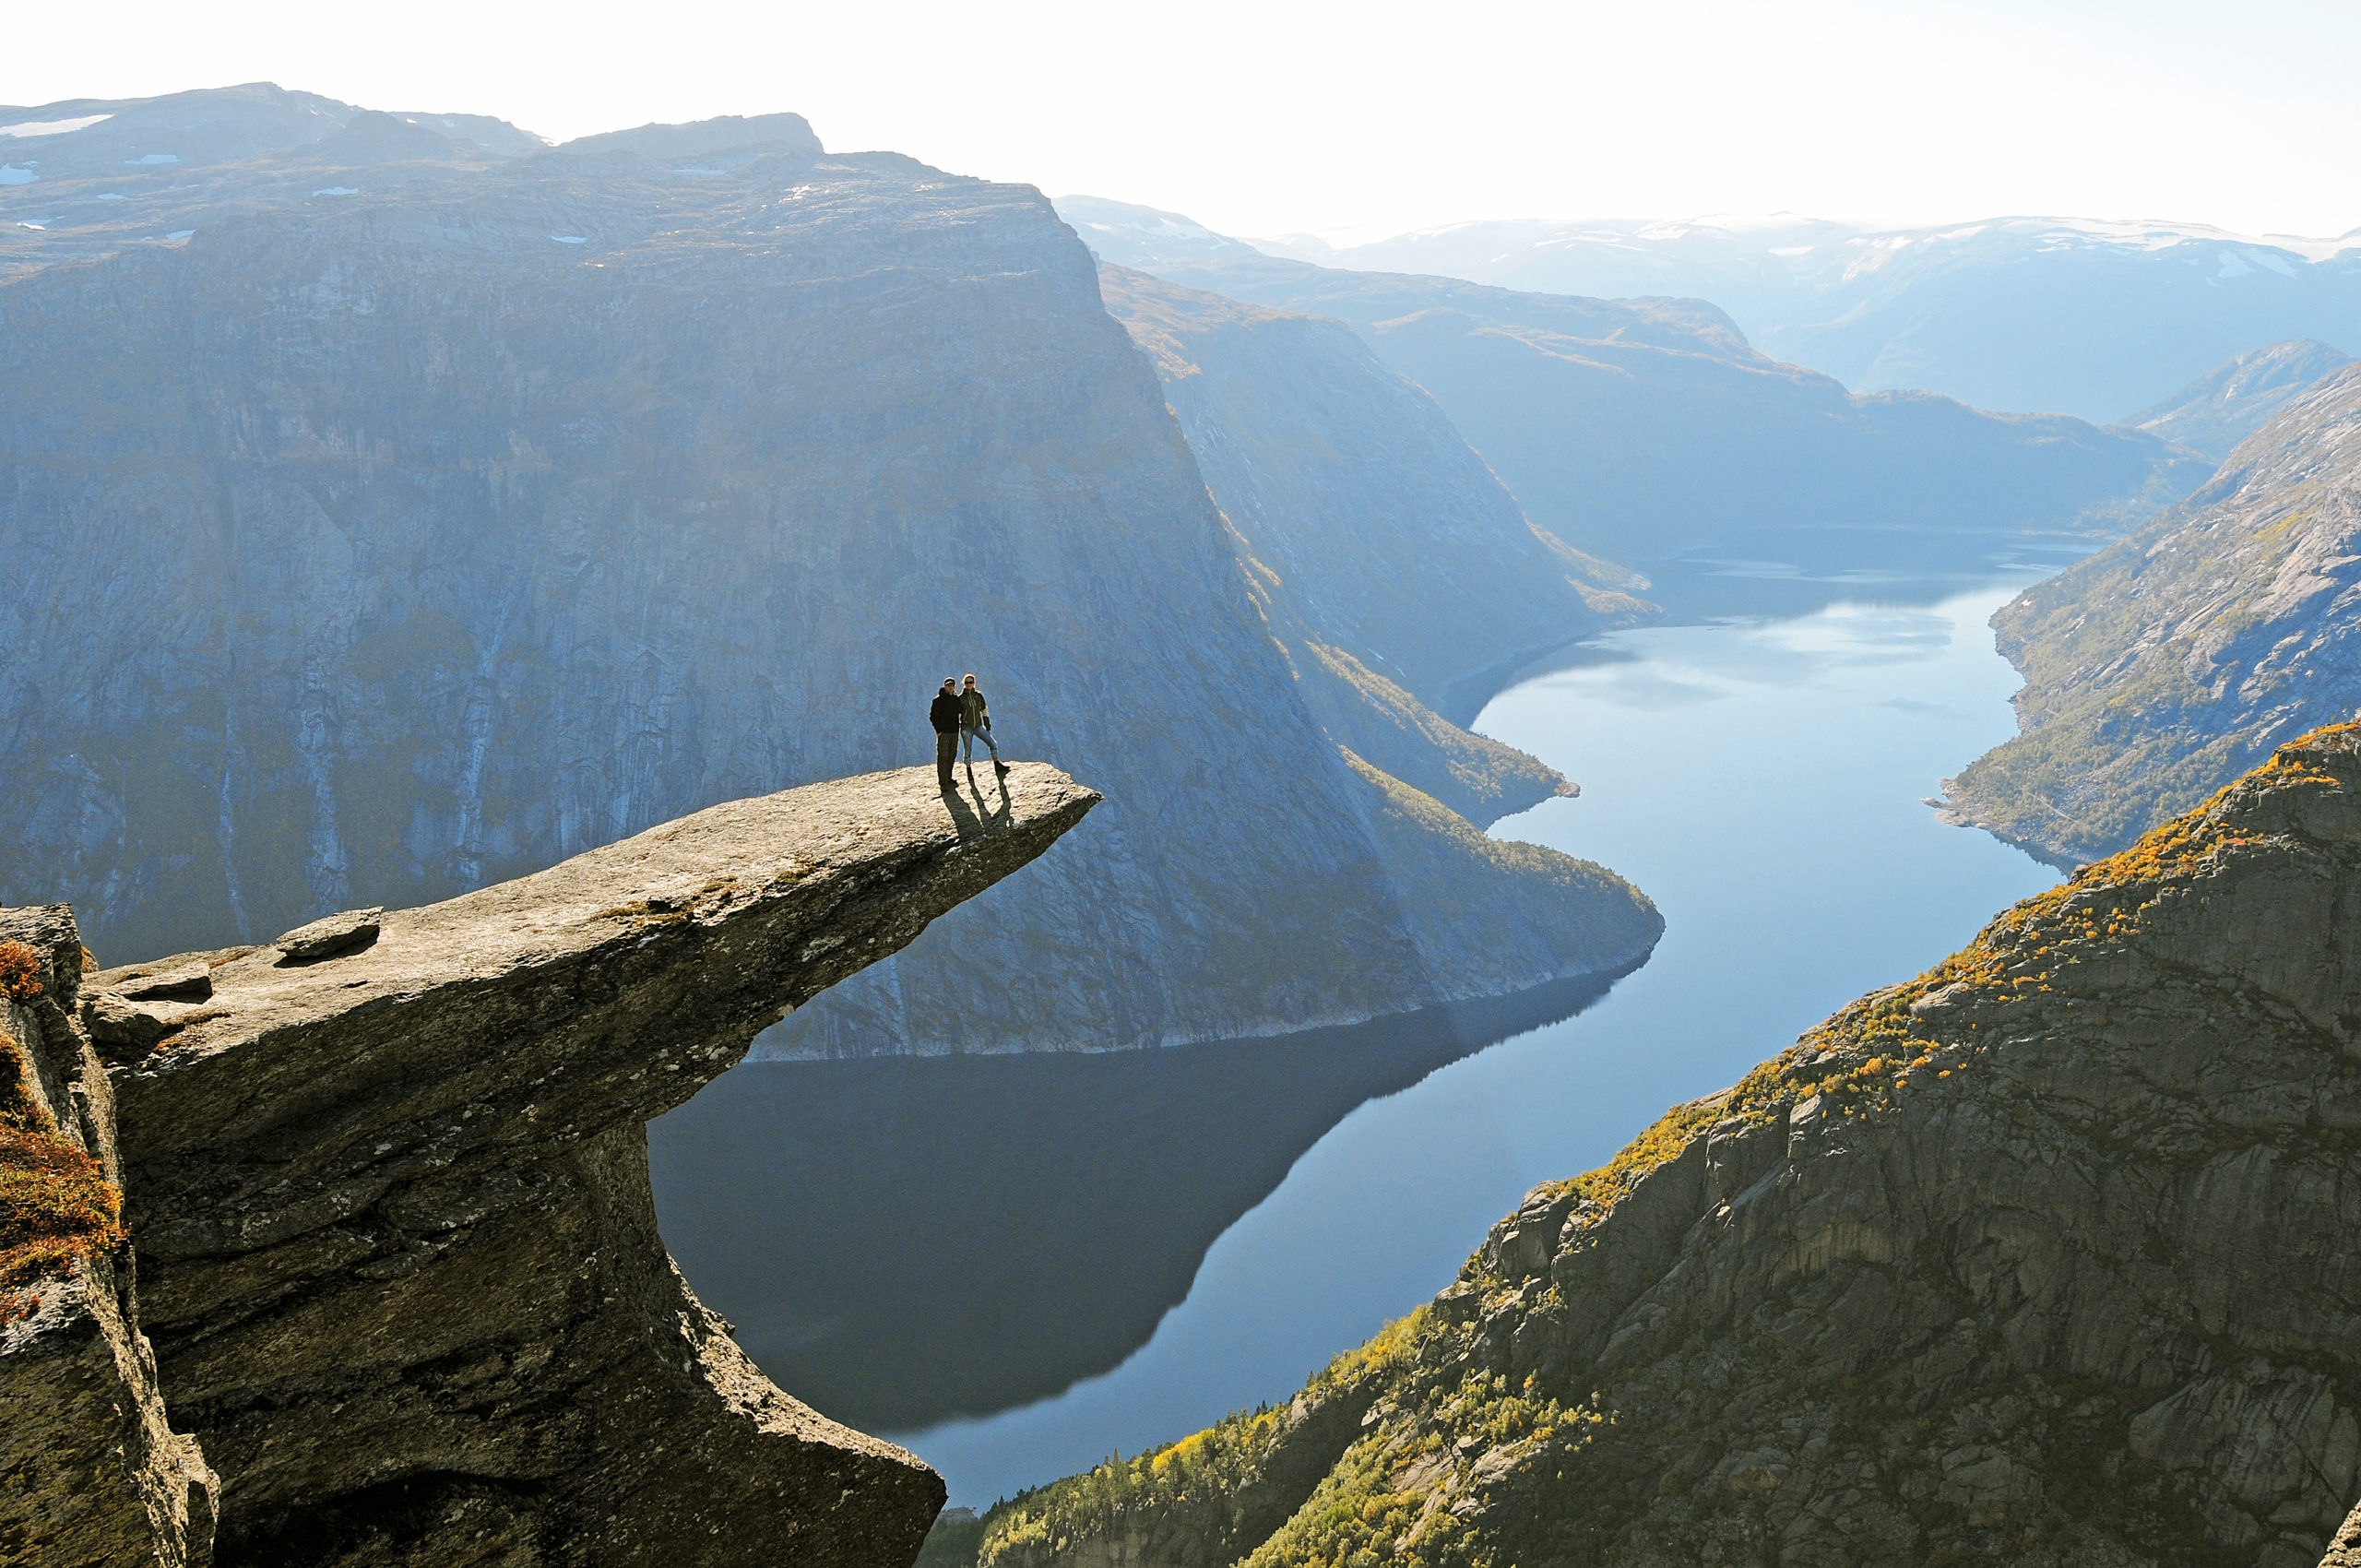 Trolltunga i Odda, Hardanger. © Sveinung Klyve/Fjord Norway